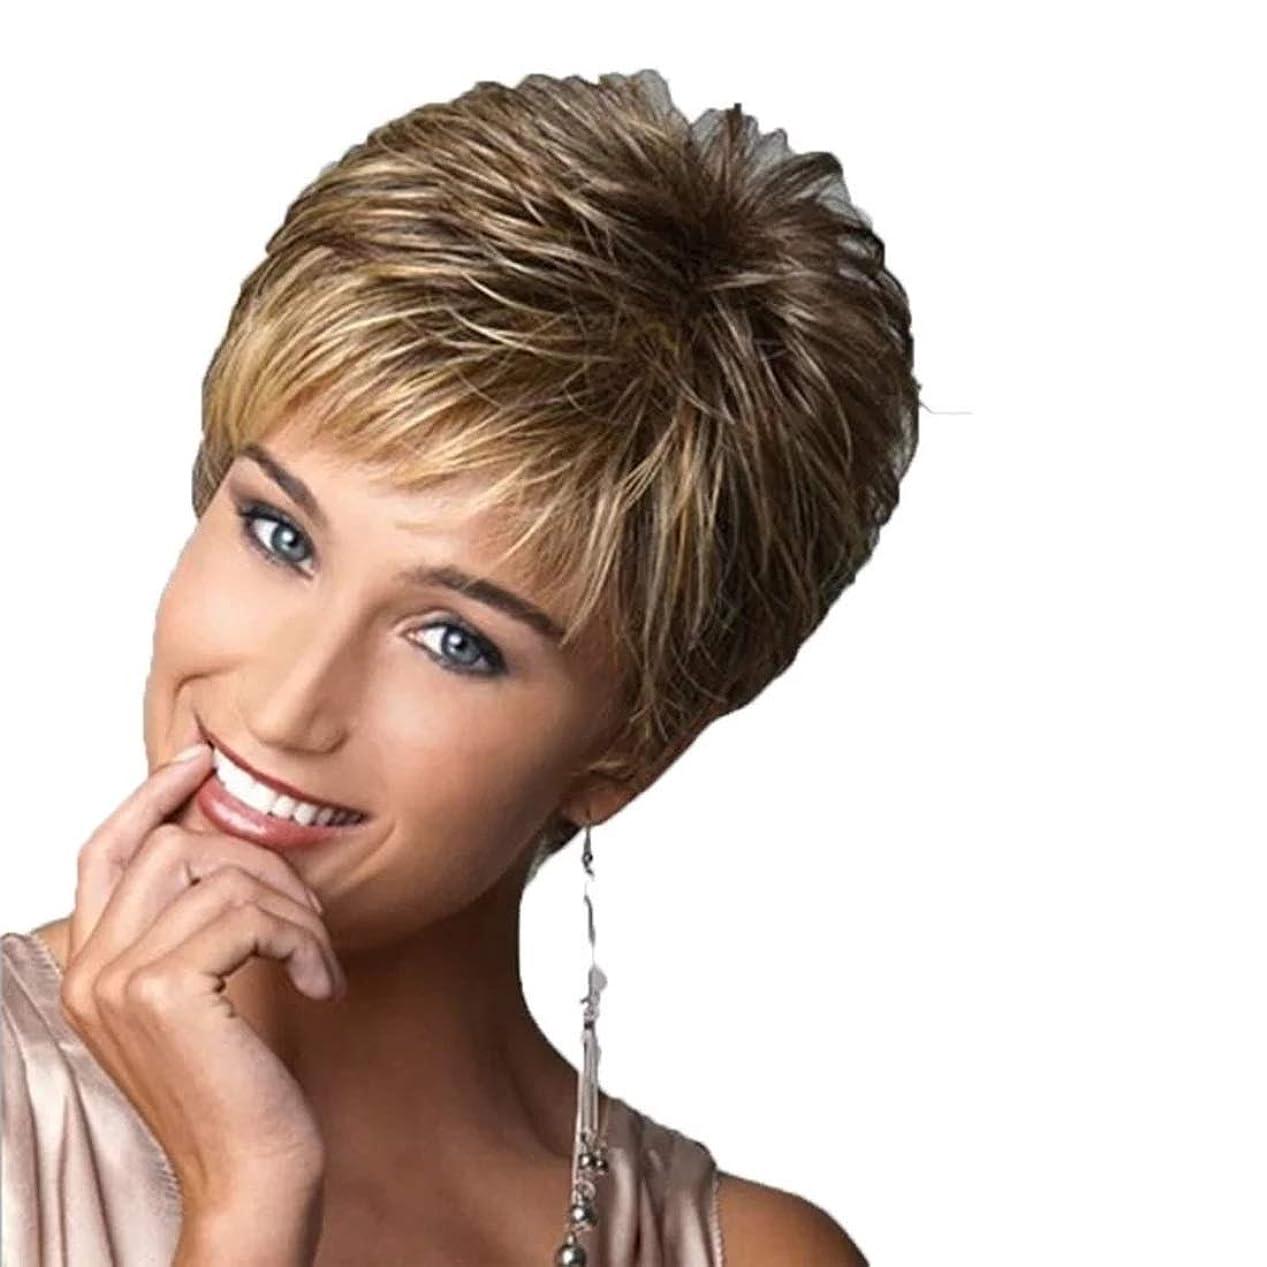 ピカリング存在する性格Summerys レディースウィッグショートカーリーヘアーショートヘアふわふわナチュラルかつら